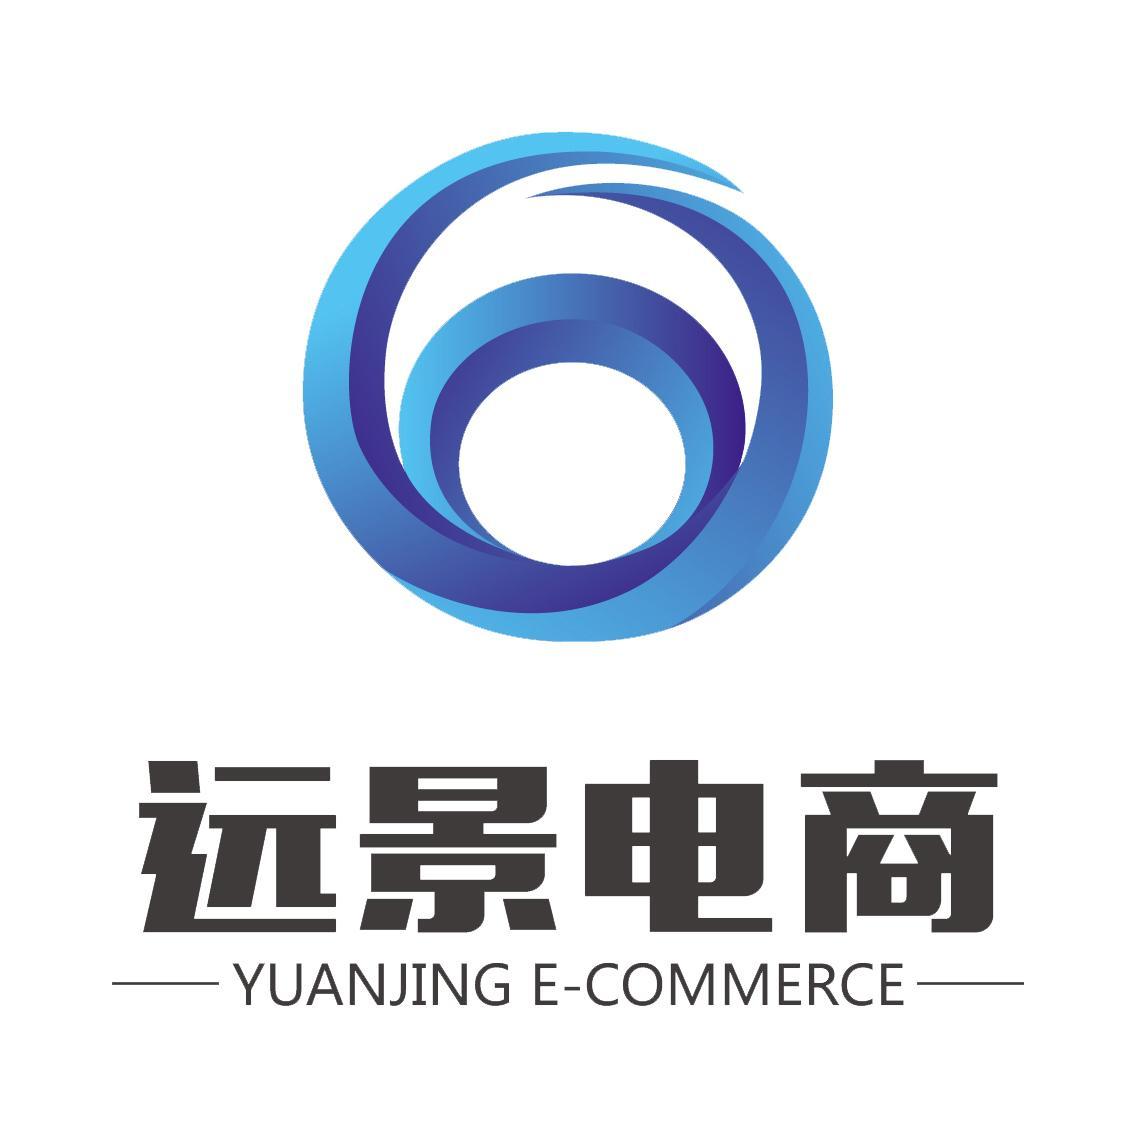 万博maxbetx官网app下载万博app官方网电子商务公司更换新LOGO啦